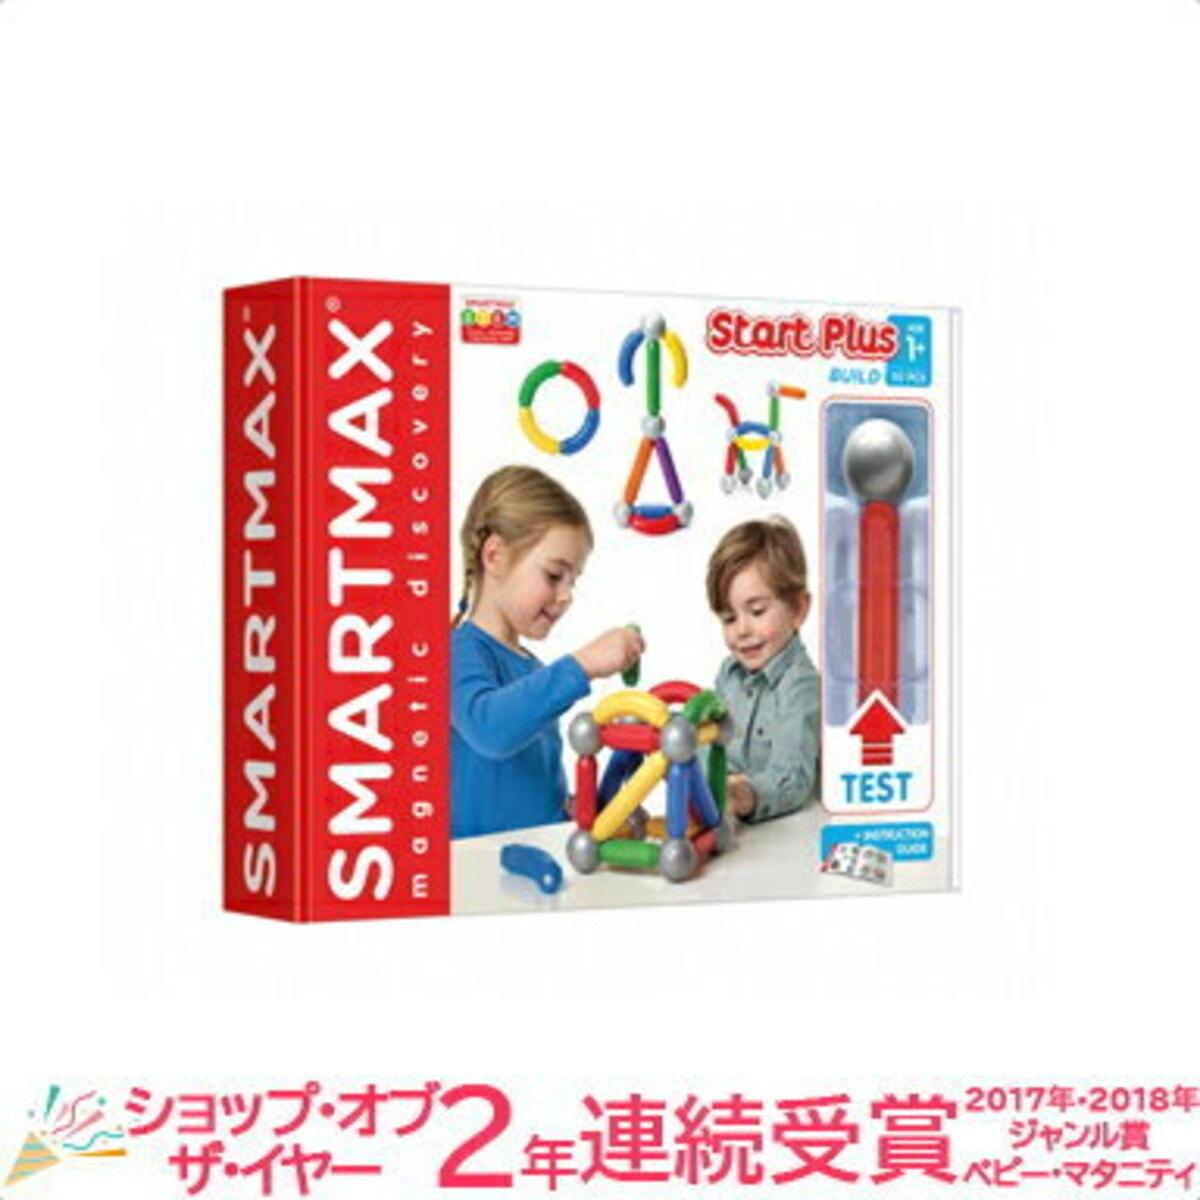 SMART MAX (スマートマックス) 「ビルド スタータープラス 30ピース 」